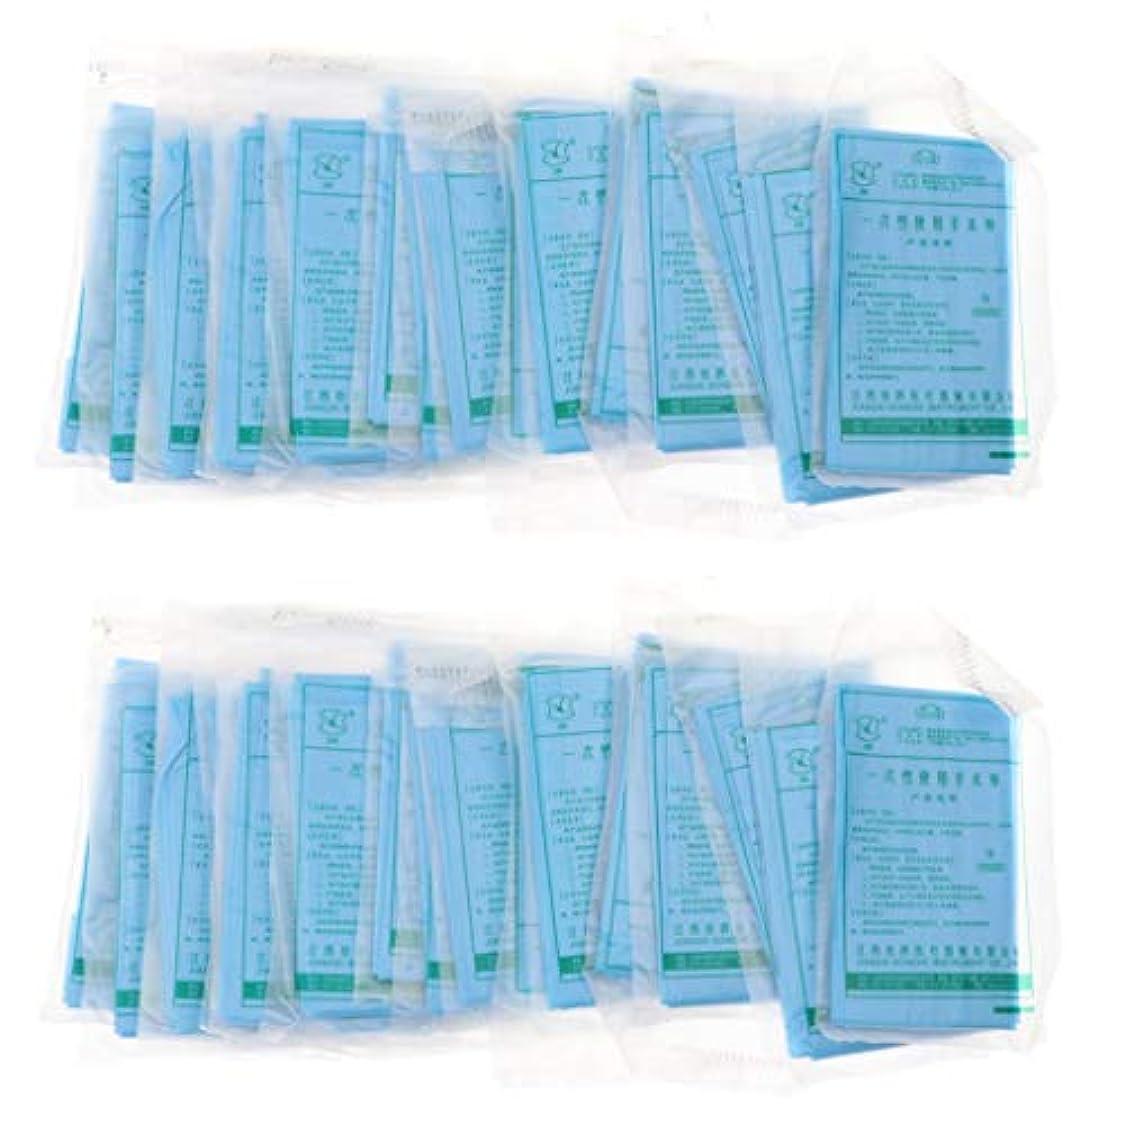 既に取得応じるSM SunniMix ヘッドレスト紙 マッサージ フェイスピロークッションカバー 使い捨て 不織布 約40ピースセット